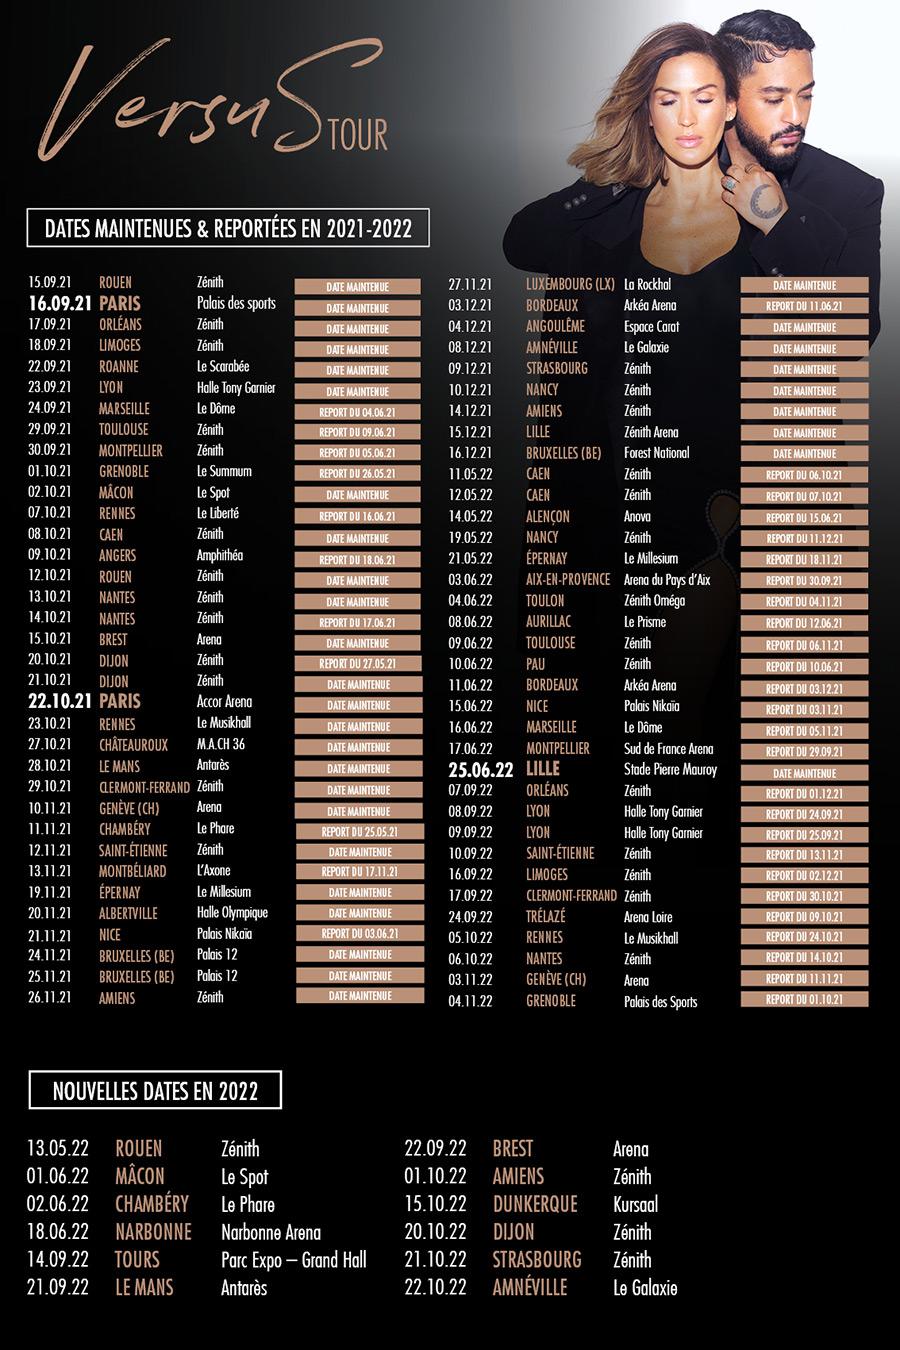 VersuS Tour - Vitaa & Slimane : report de certaines dates et nouvelles dates en 2022